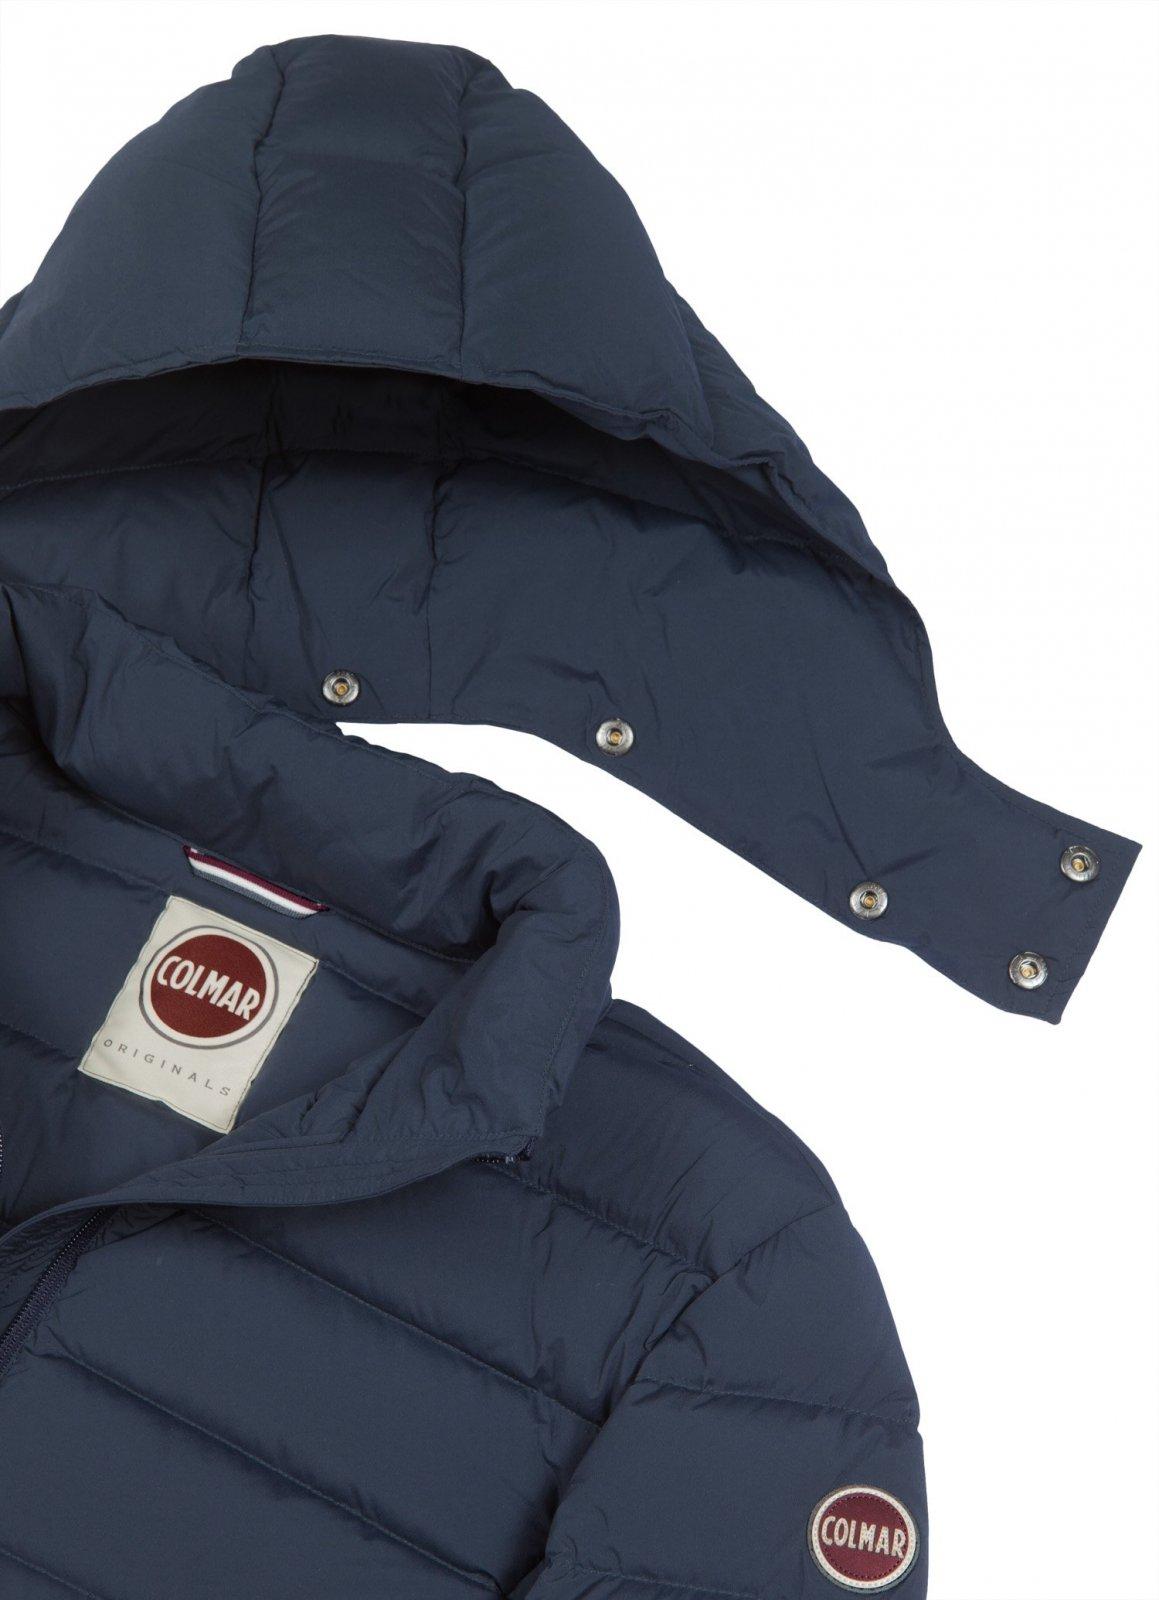 Jacket Originals Jacket Colmar Ropa para Hombre Down 3cTl1FJK